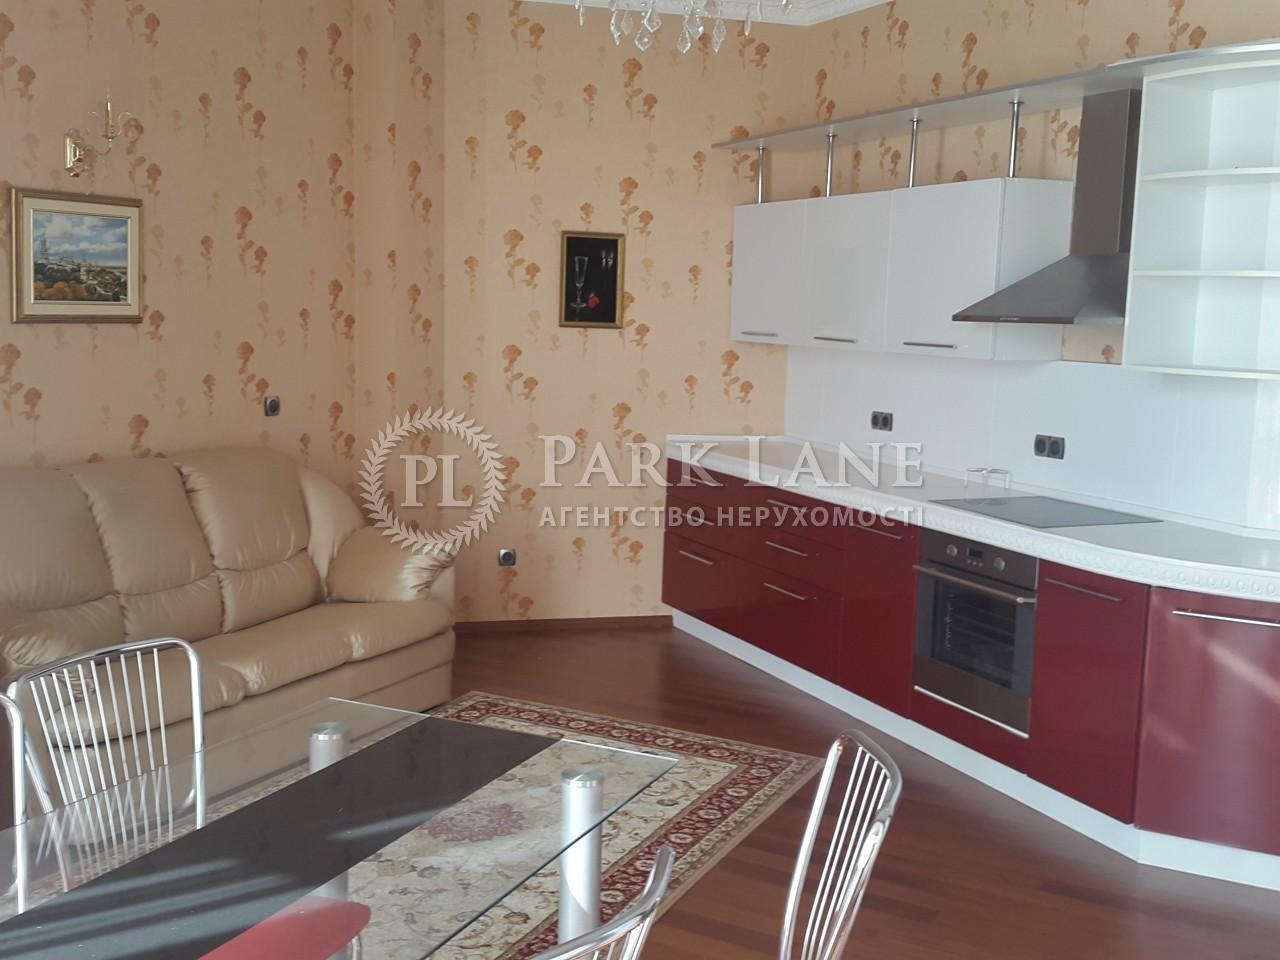 Квартира вул. Народного Ополчення, 7, Київ, Z-815718 - Фото 7